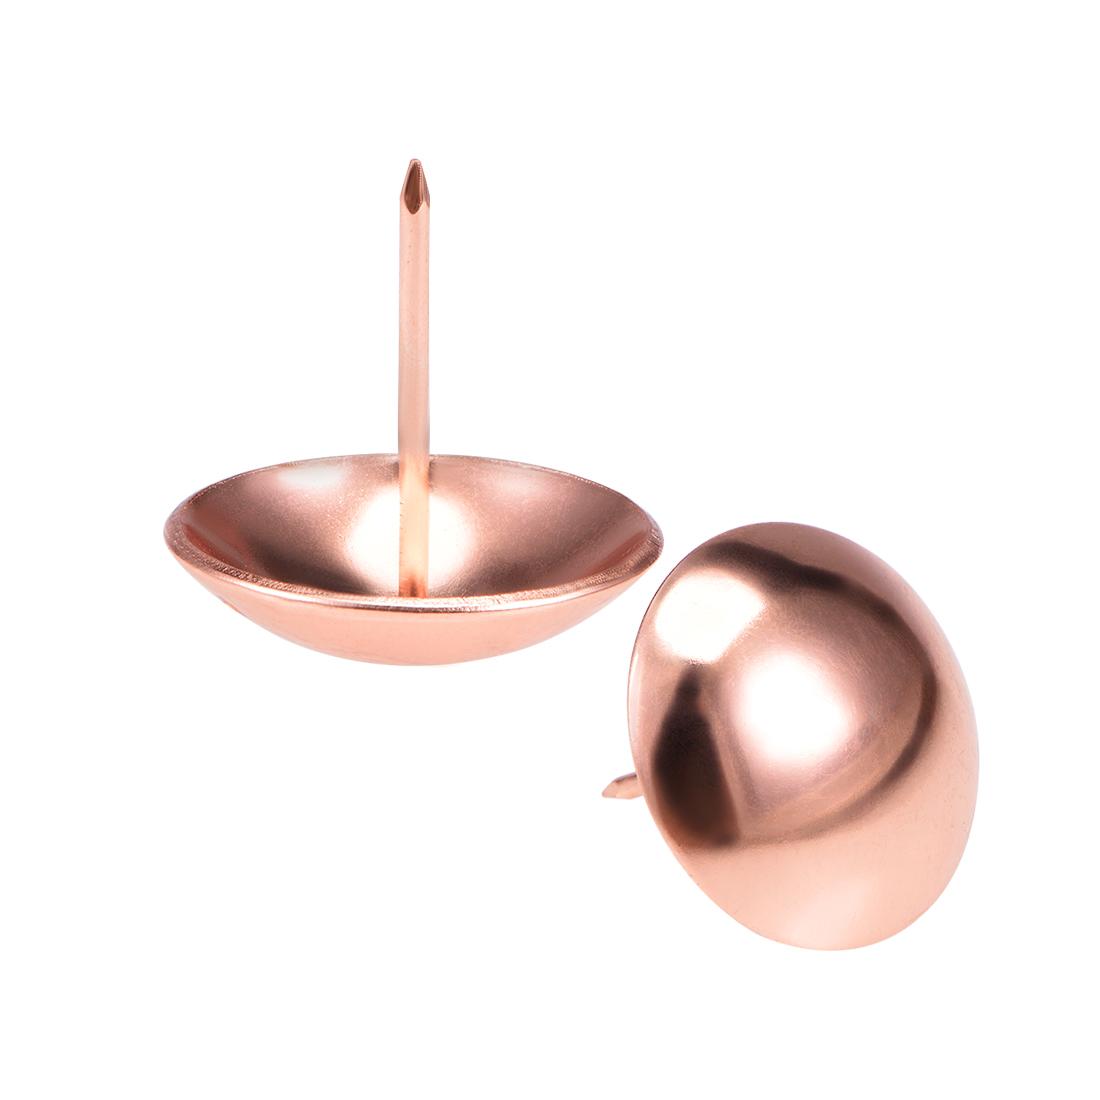 Upholstery Nails Tacks 30mmx30mm Round Thumb Push Pins Rose Gold Tone 15 Pcs